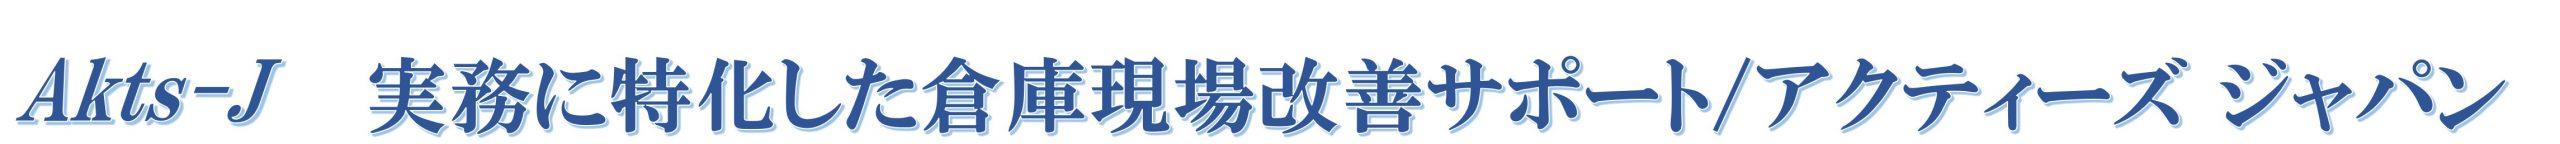 20年以上の倉庫実務経験と現場目線による倉庫現場改善サポート/アクティーズ ジャパン